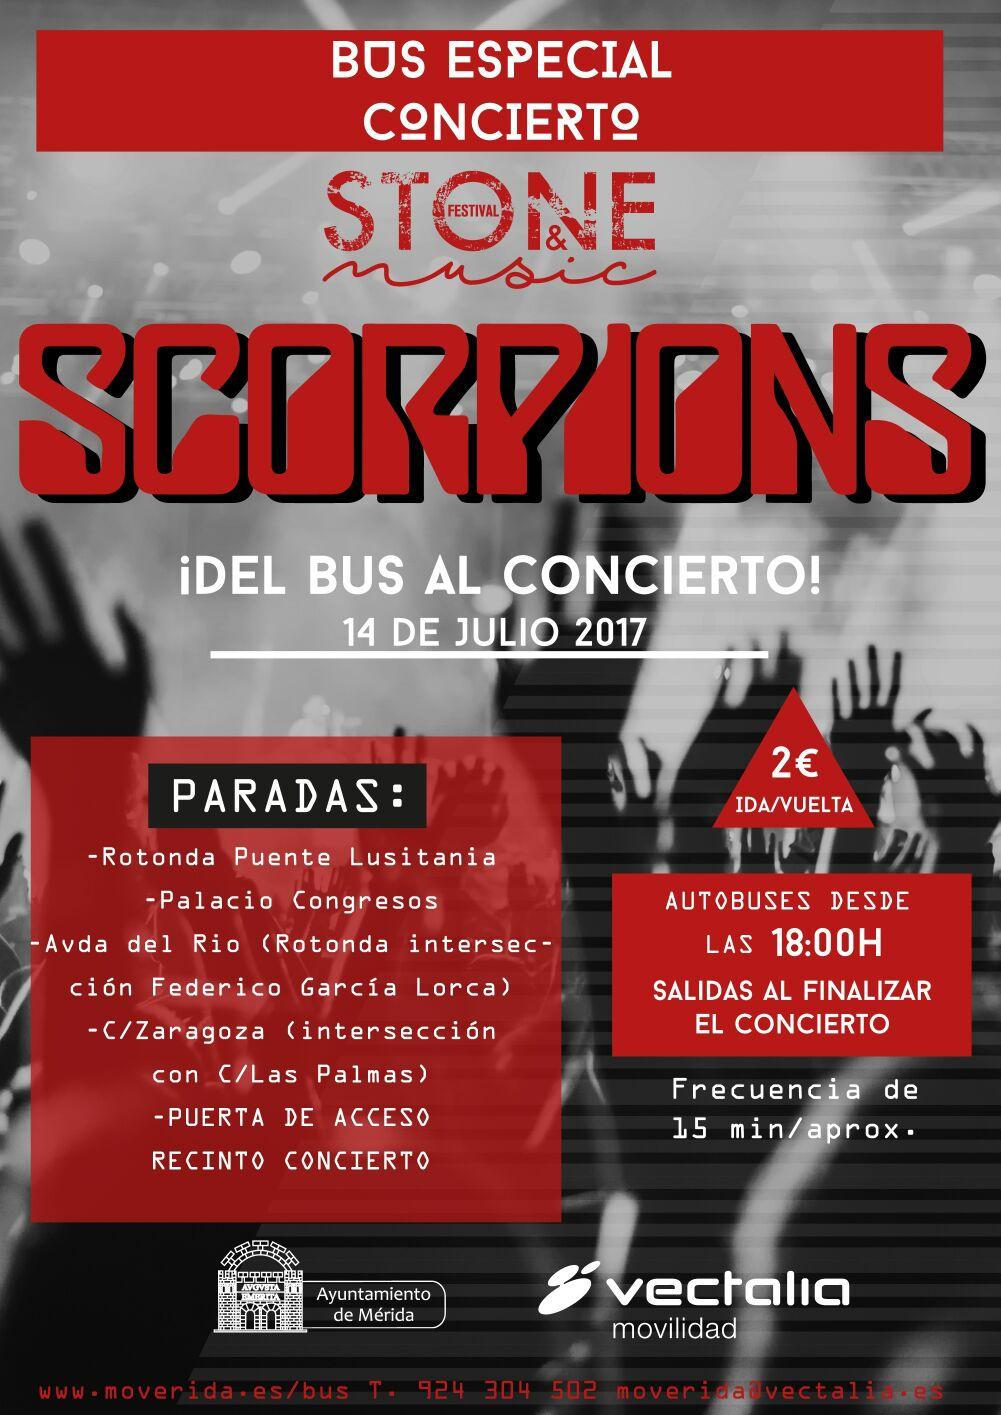 Ven en bus al concierto de Scorpions